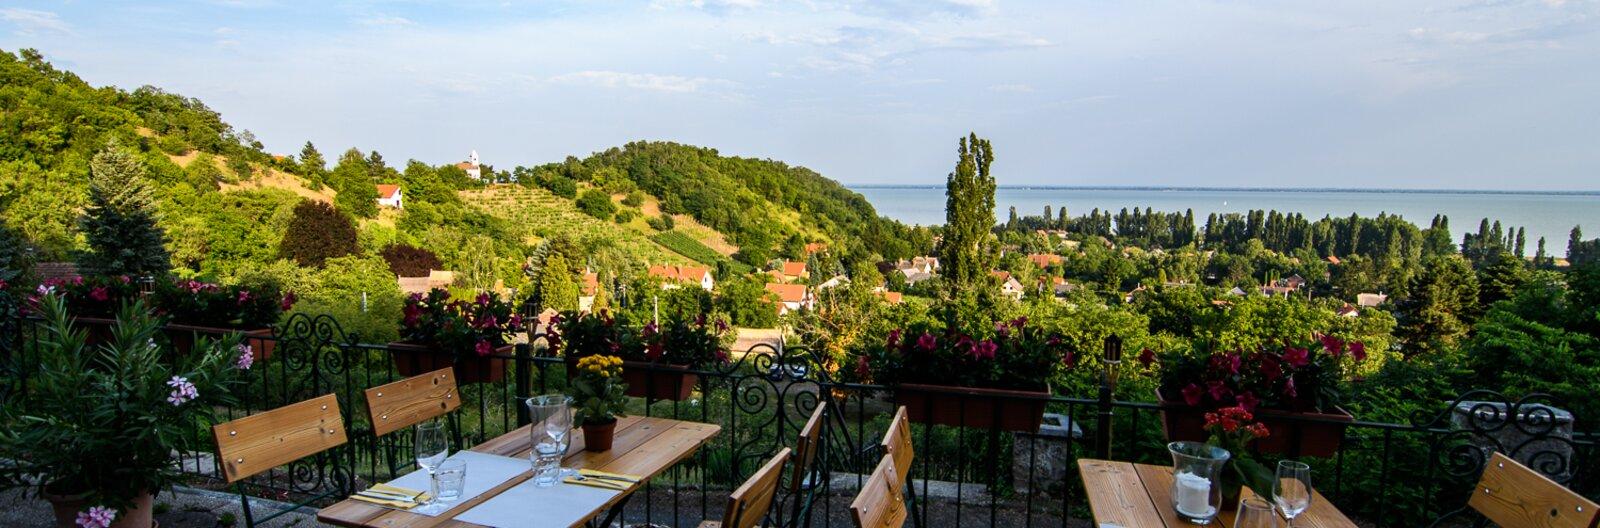 Mesebeli szállás, különleges éttermek, aktív és kevésbé aktív programok a Balaton partján, SZÉP-kártyával